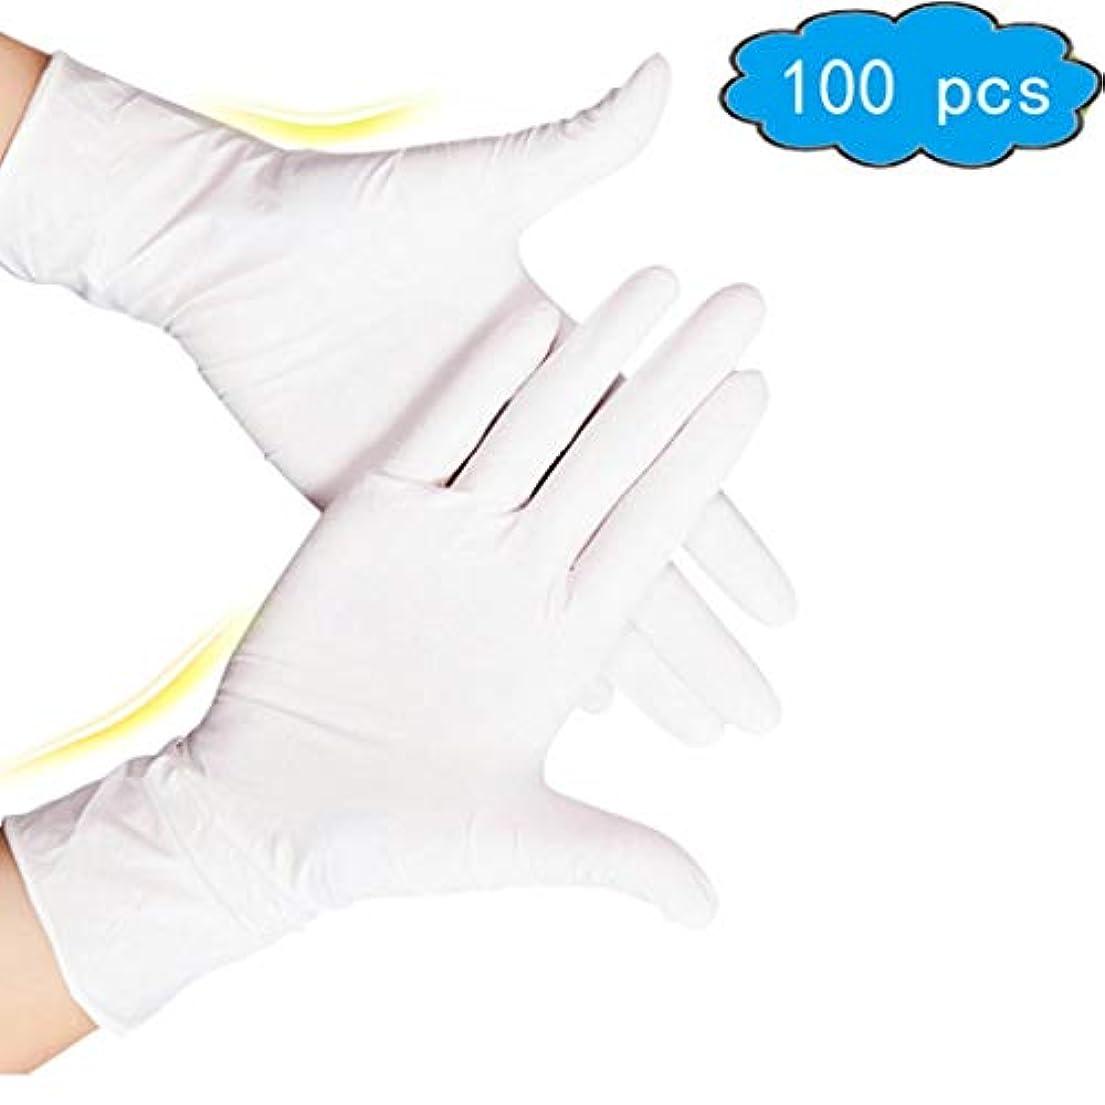 ディスコワンダー鉱石使い捨てニトリル手袋、ノーパウダー、ラテックスアレルギー対策済みの多機能ヘビーデューティスーパーストロング、手袋を清掃、食品グレードキッチン手袋(100箱)、衛生手袋、応急処置用品 (Color : White, Size...